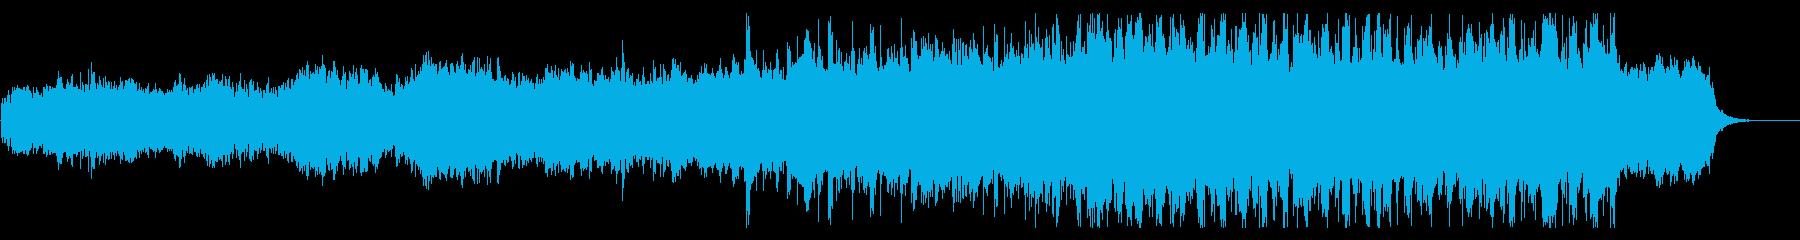 ナイロンギターが印象的なシネマティックの再生済みの波形